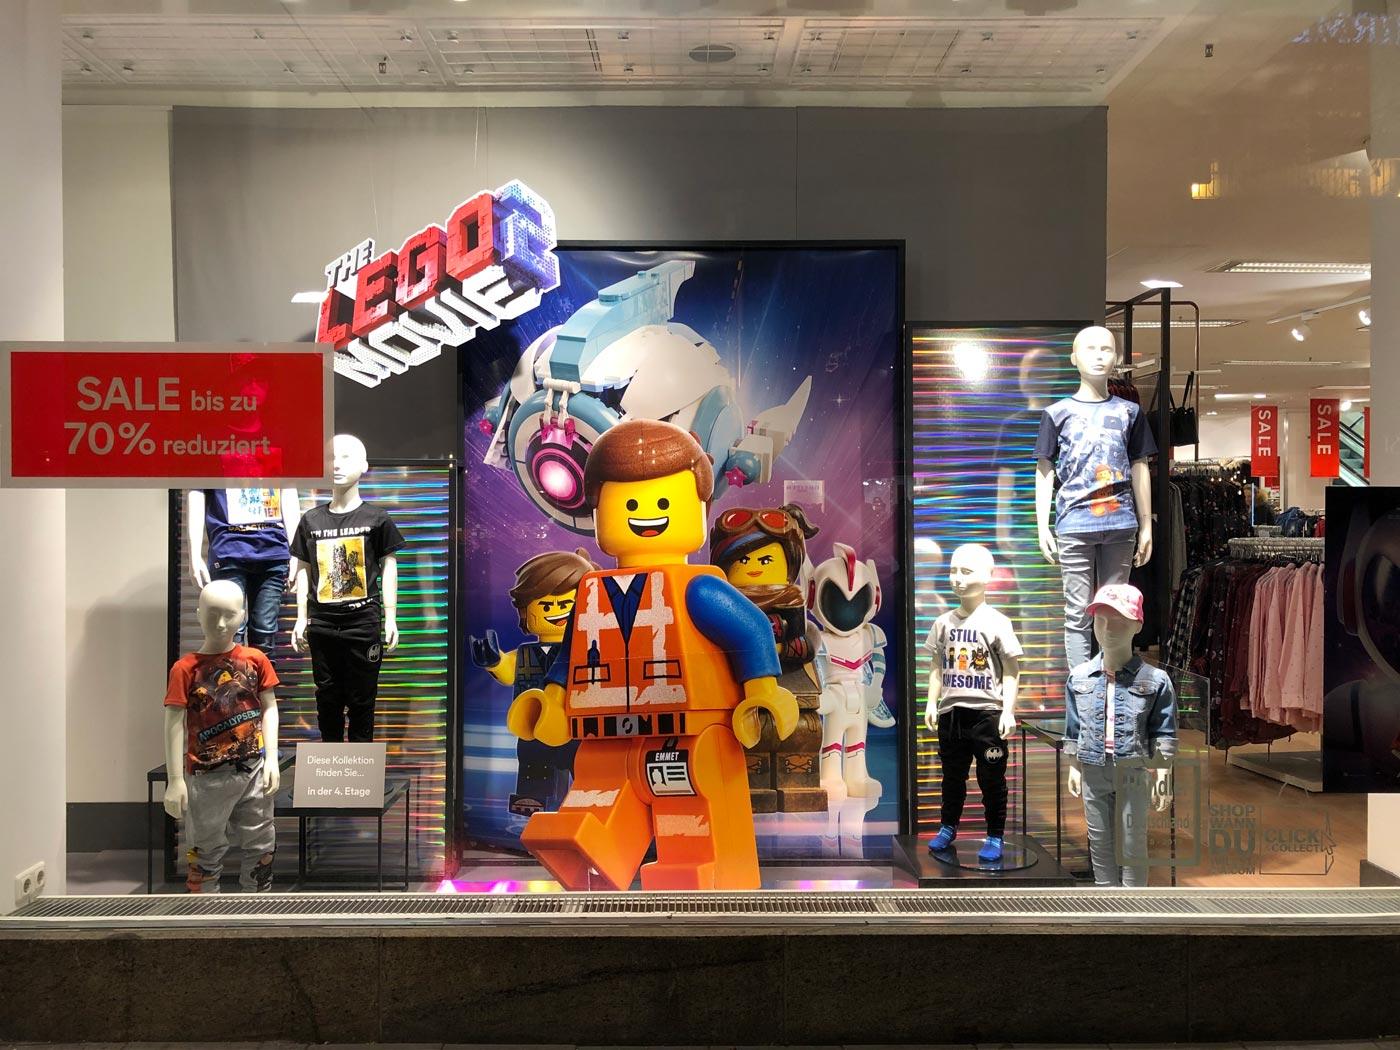 riesengroßes Legomännchen und Schaufensterpuppen mit Kinderbekleidung